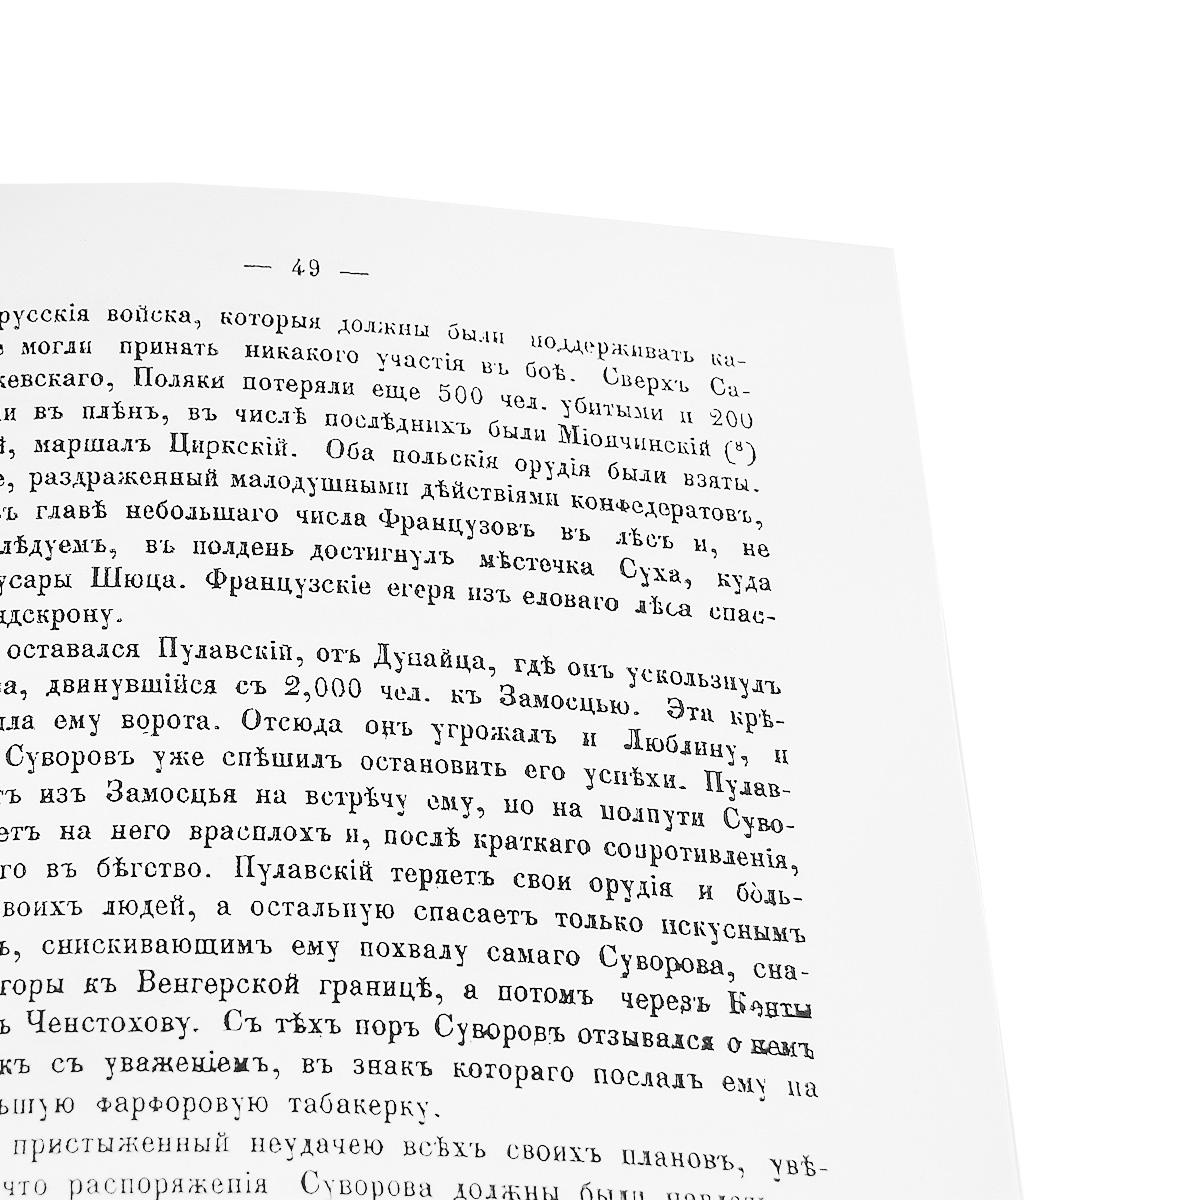 Суворов и падение Польши (+ карты), Фридрих фон Смитт